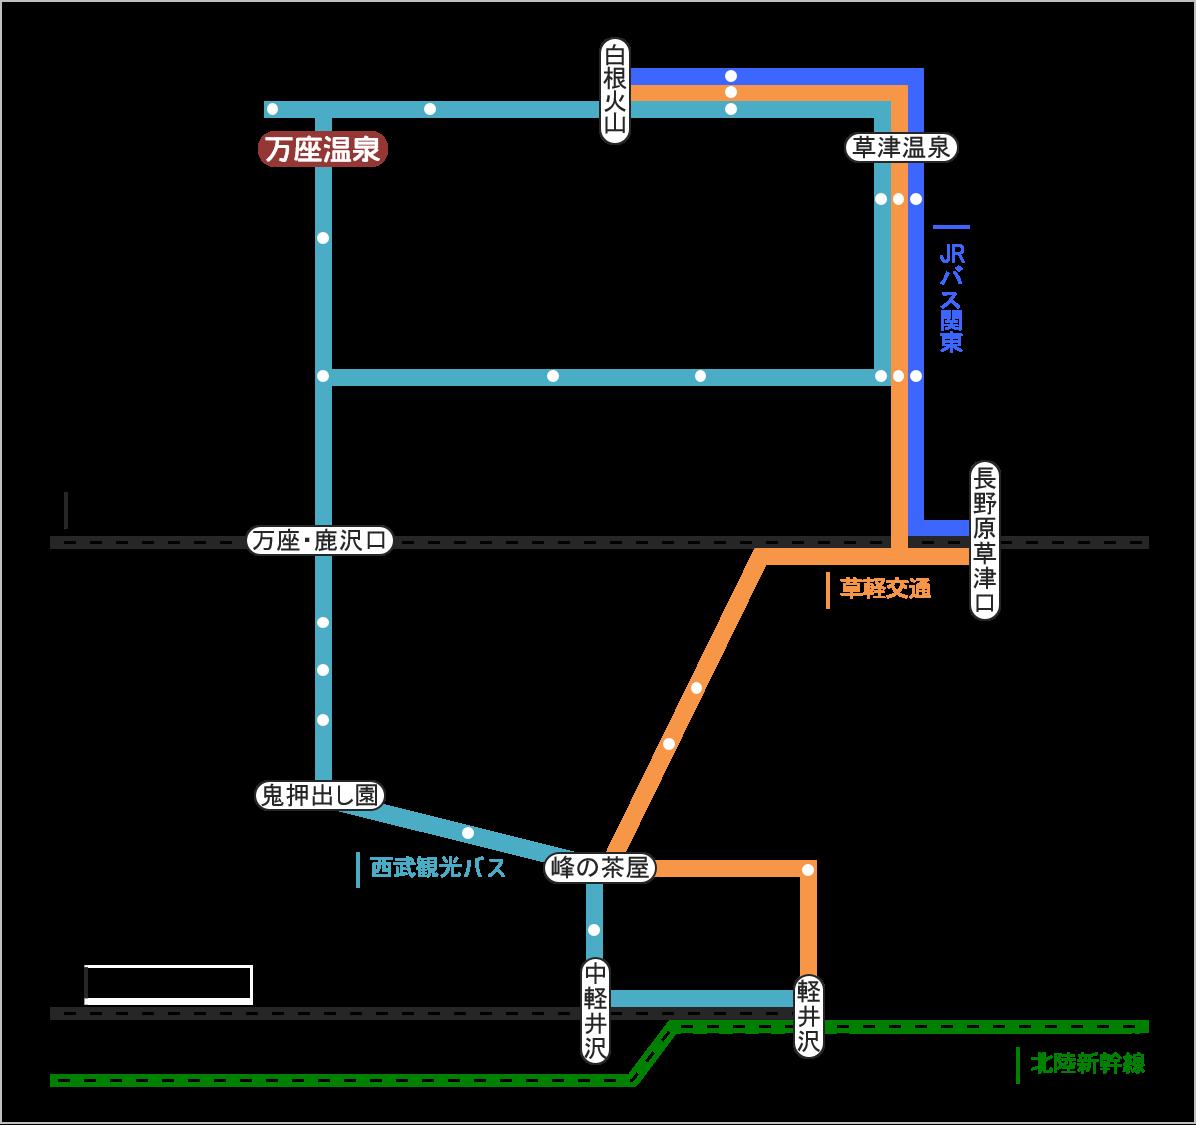 バス 路線図 Htfyl